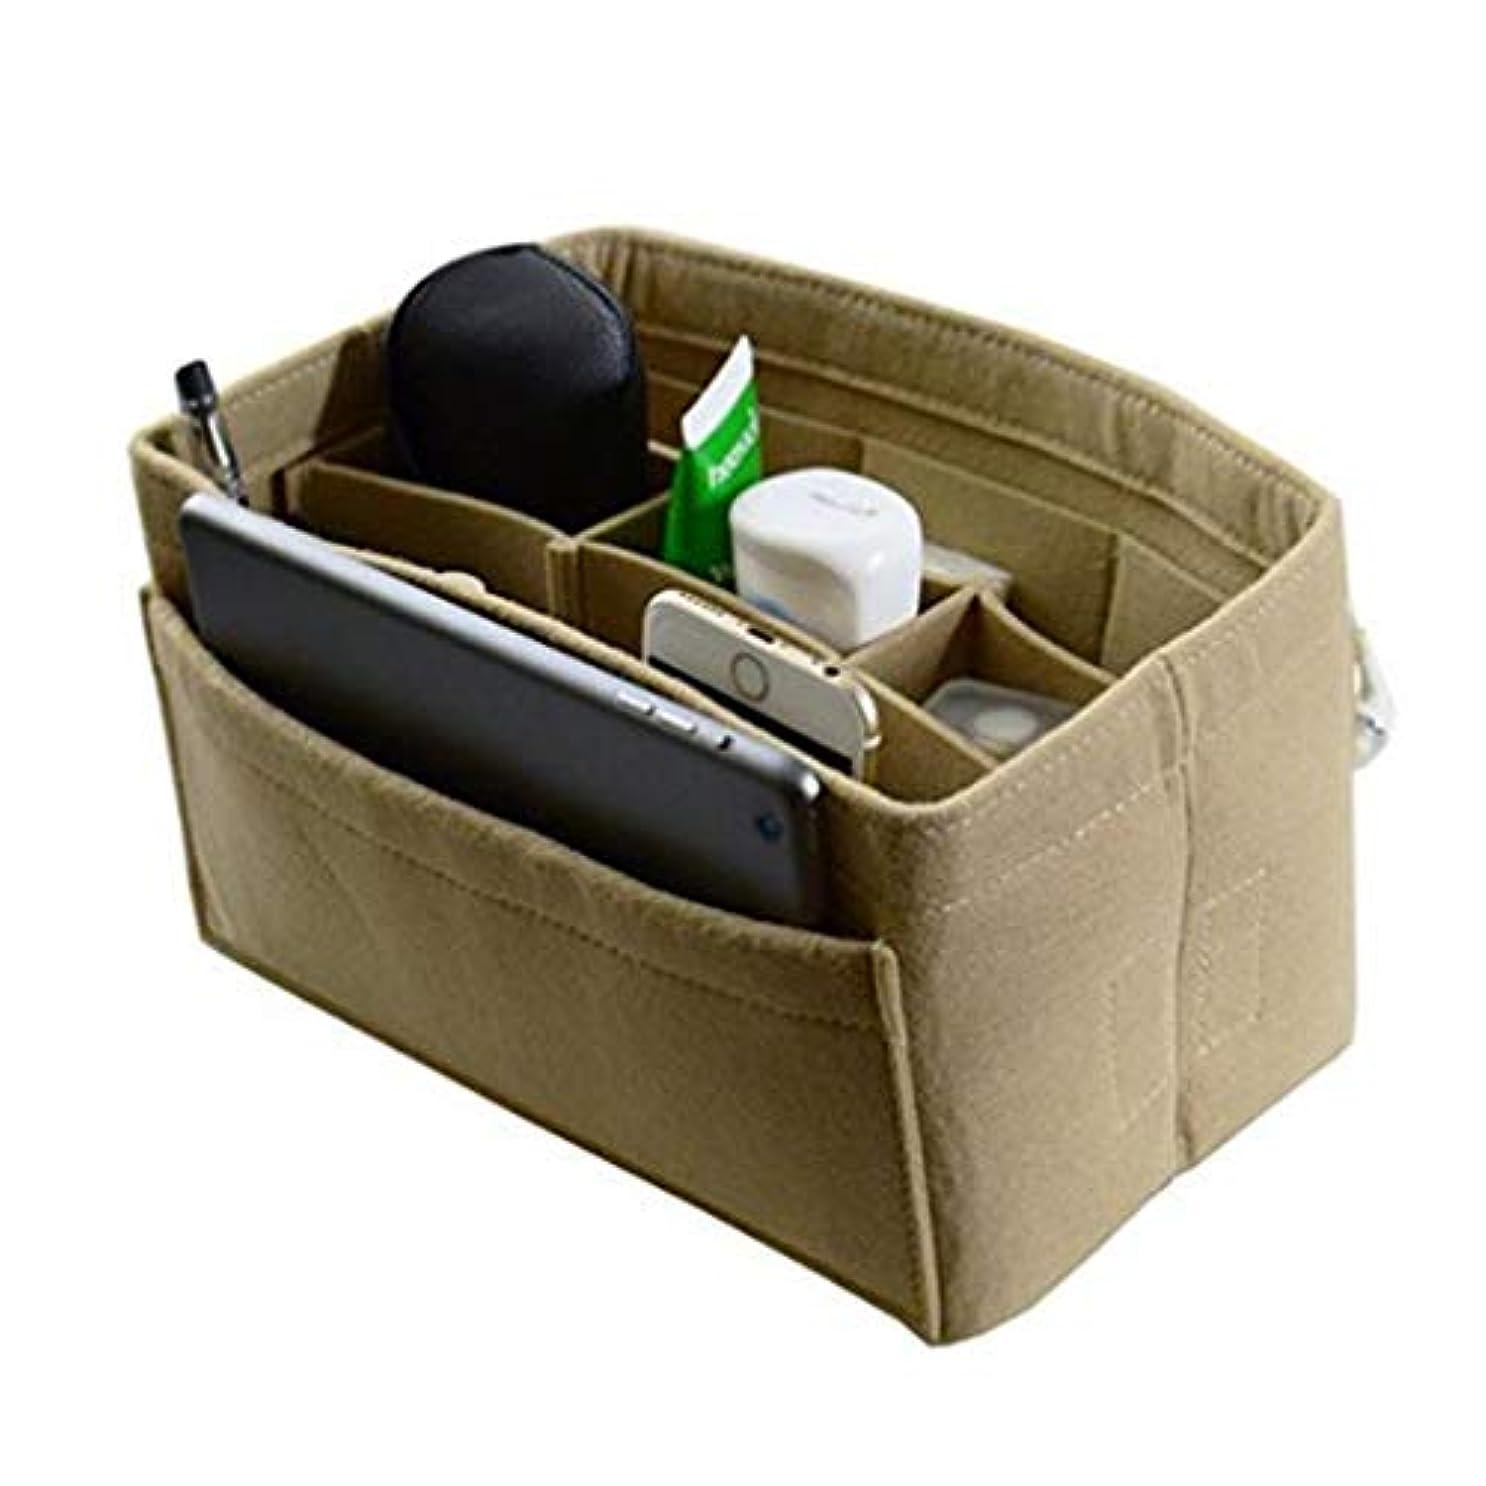 ピット制限された予算JIOLK バッグインバッグ 軽量 フェルト収納ボックス 収納力抜群 インナーバッグ メイクバッグ 自立できる 分類ケース 日常小物収納 大容量 多機能 化粧ポーチ 仕分け